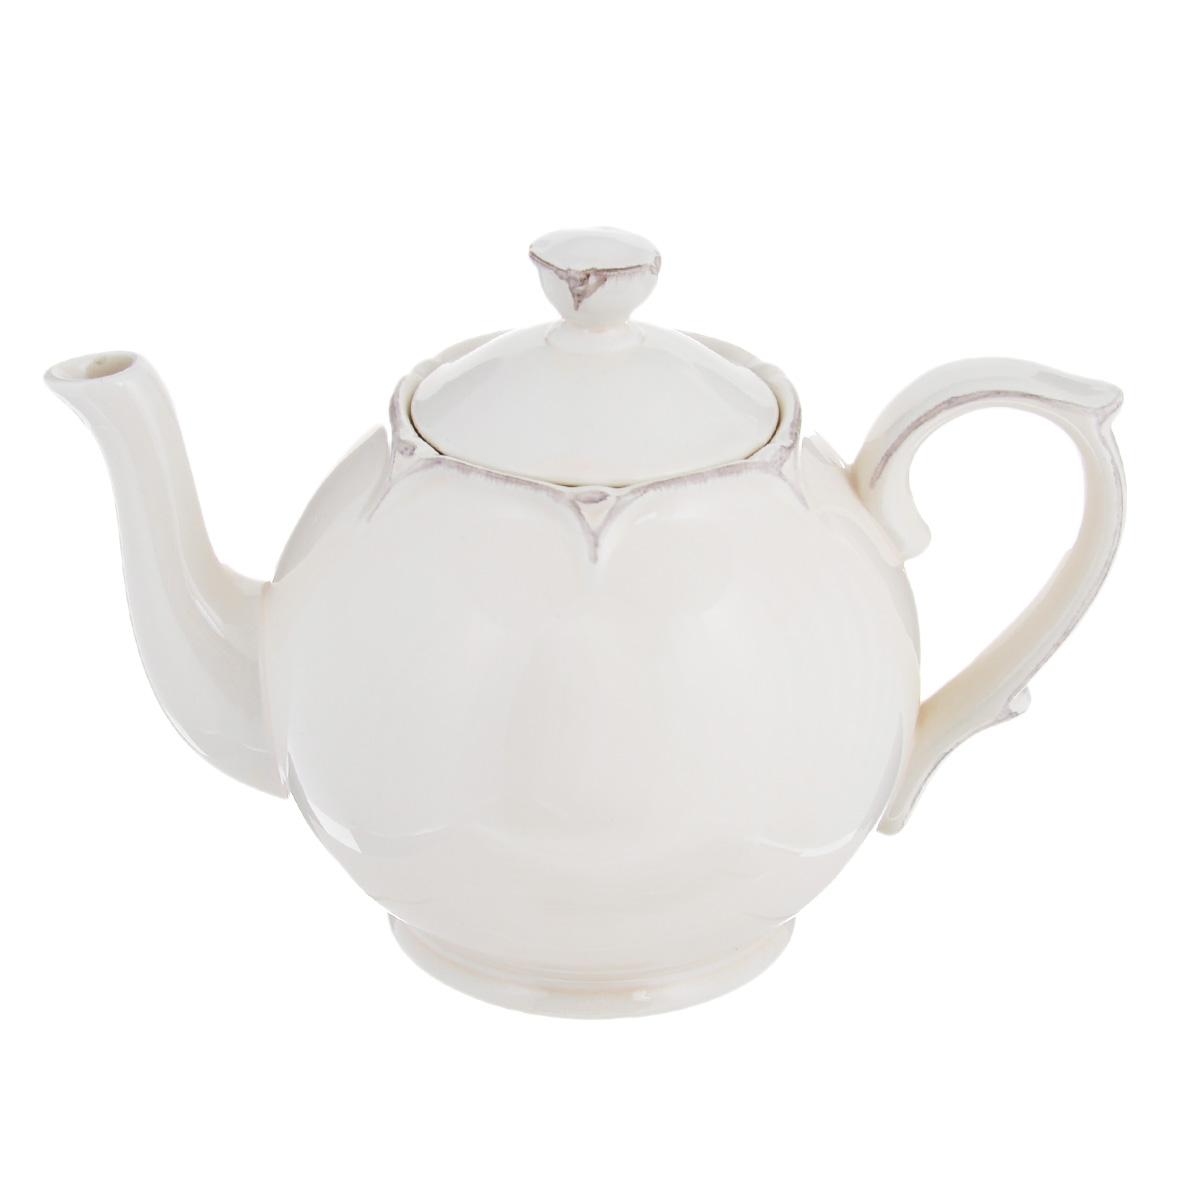 Чайник заварочный Lillo Ideal, цвет: молочный, 1 л214198Чайник заварочный Lillo Ideal изготовлен из высококачественной керамики. Чайник станет отличным дополнением к вашему кухонному инвентарю, а также украсит сервировку стола и подчеркнет прекрасный вкус хозяина.Можно использовать в посудомоечной машине и микроволновой печи. Диаметр чайника (по верхнему краю): 6,5 см.Диаметр основания чайника: 8,5 см.Высота чайника (без учета крышки и ручки): 12,5 см.Объем чайника: 1 л.